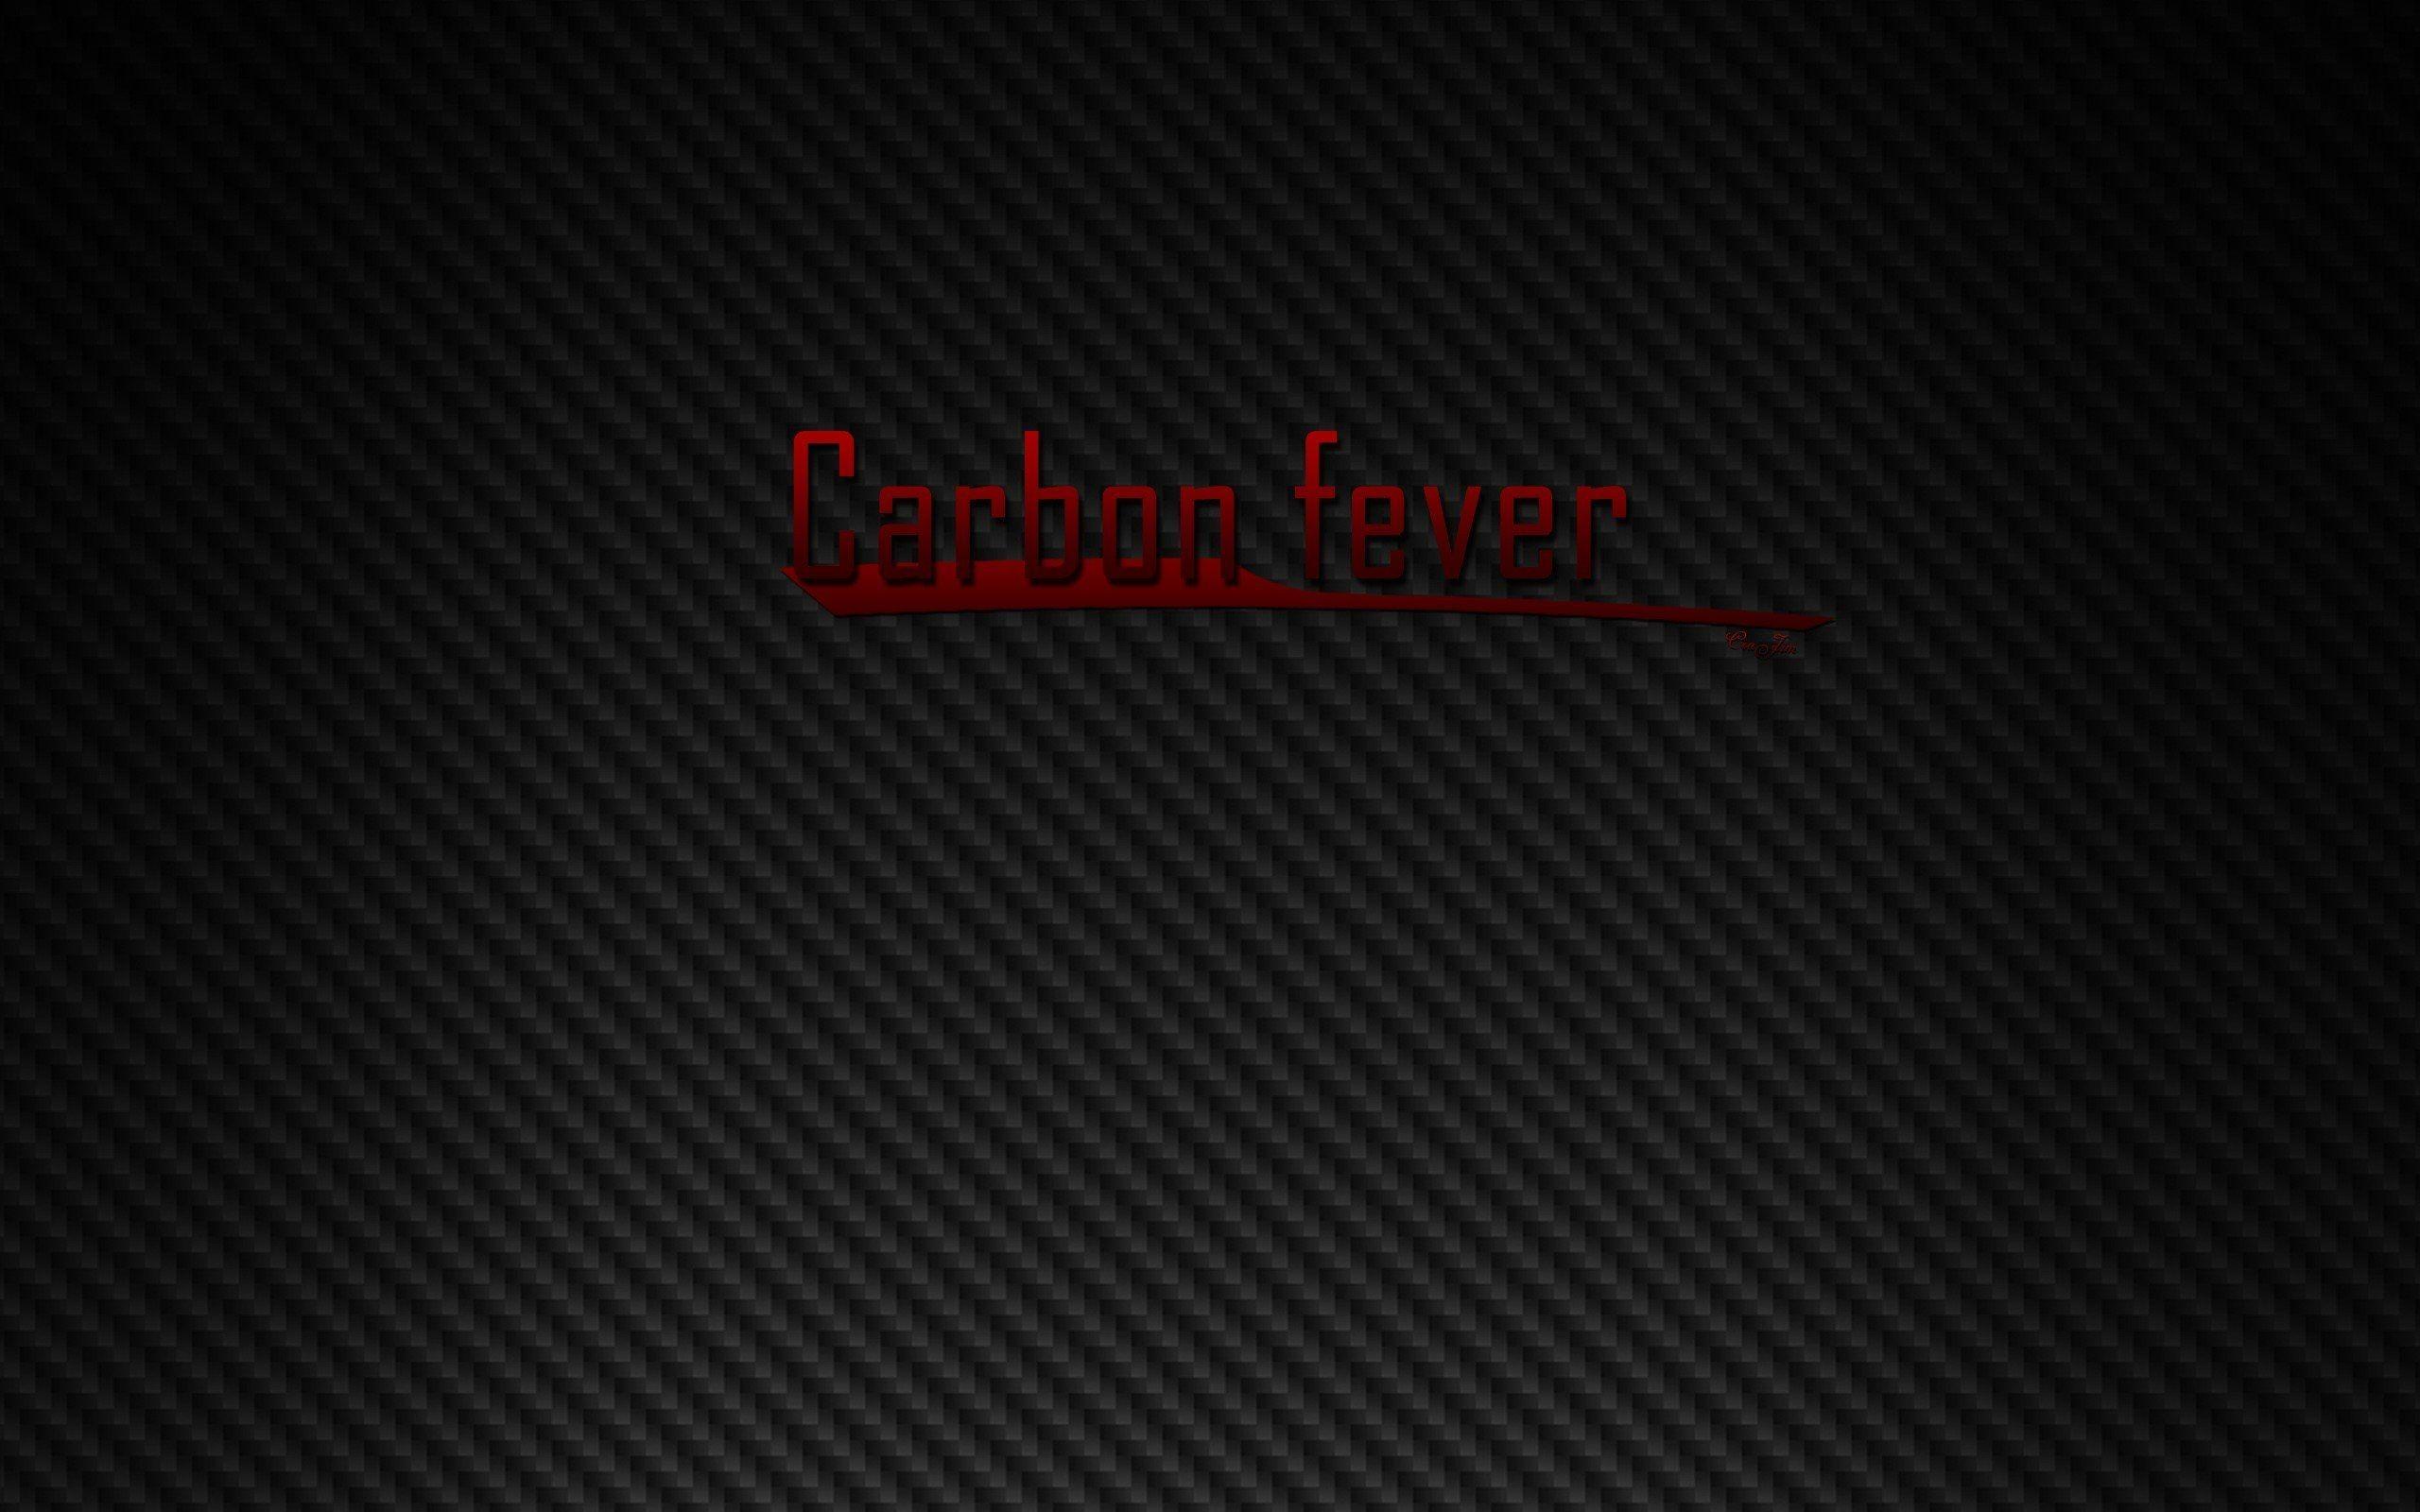 Black carbon fiber CraJim fibers wallpaper